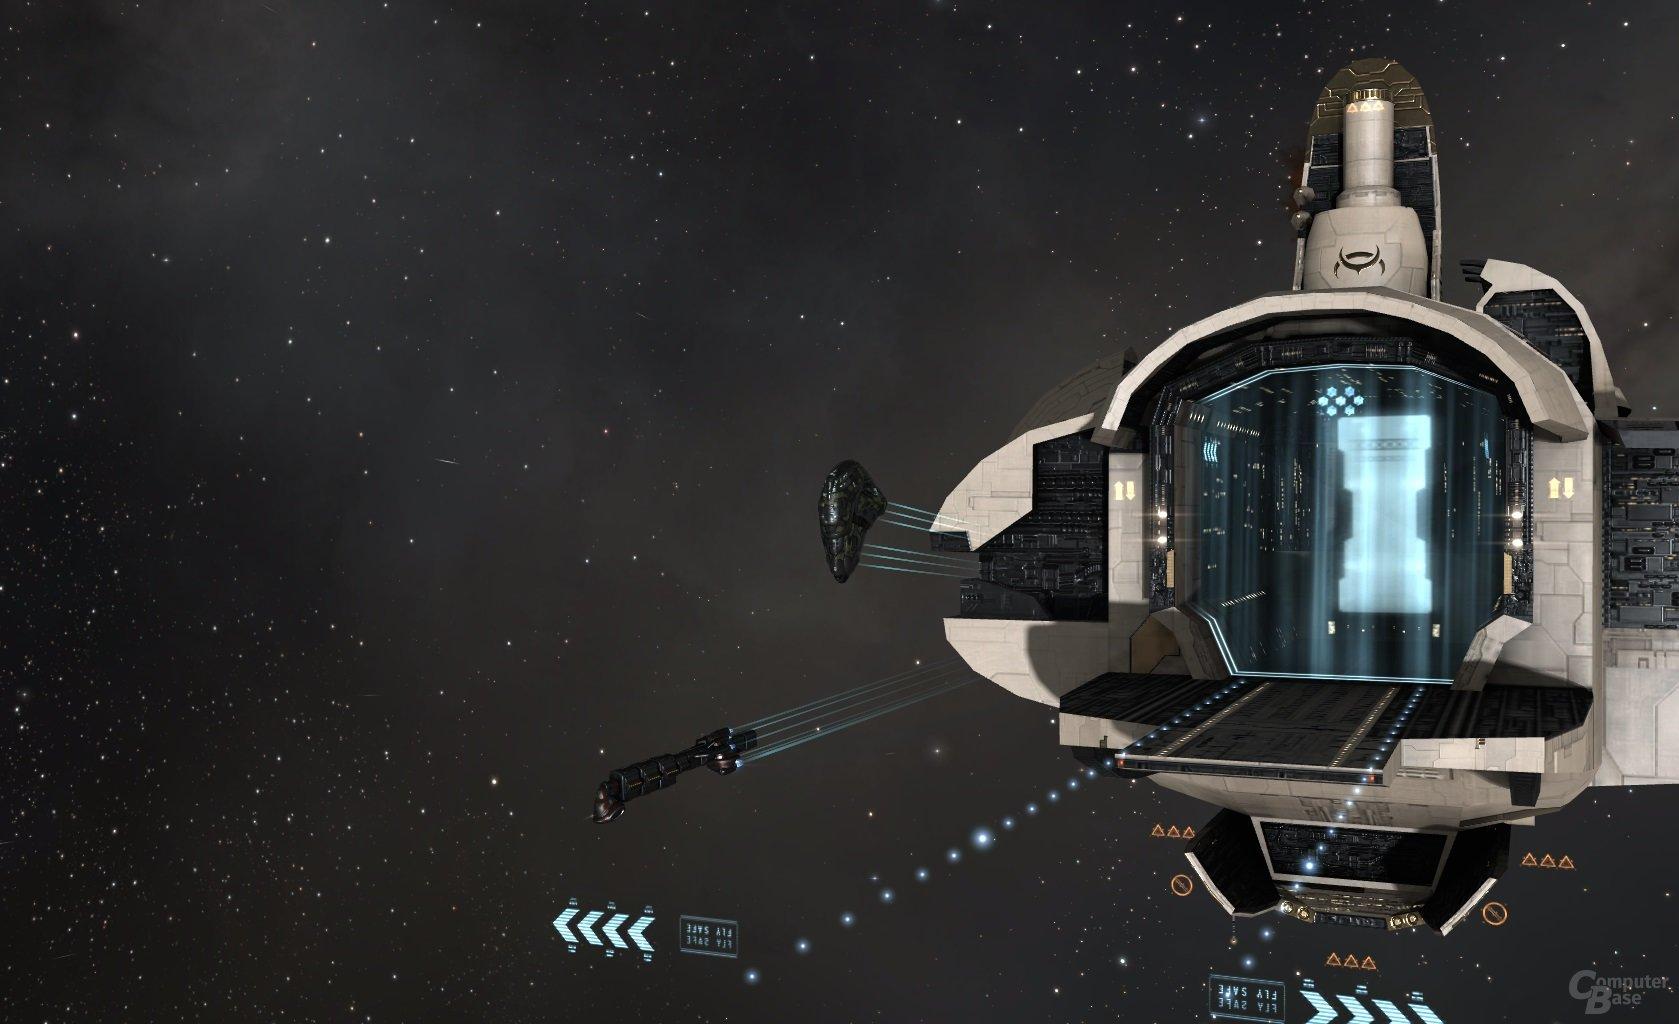 Vexor Navy Issue beim Undock, daneben ein in den Warp eintretender Occator